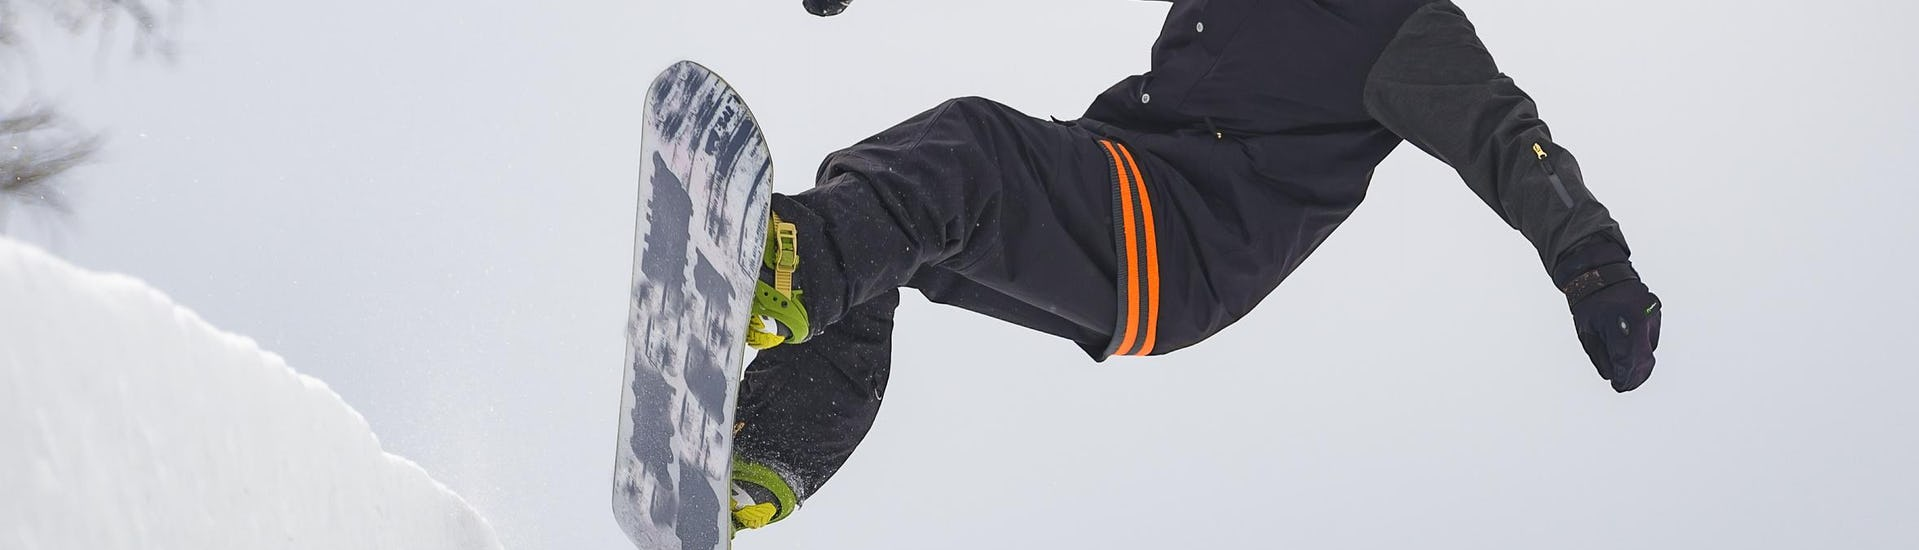 Snowboard - Privatunterricht